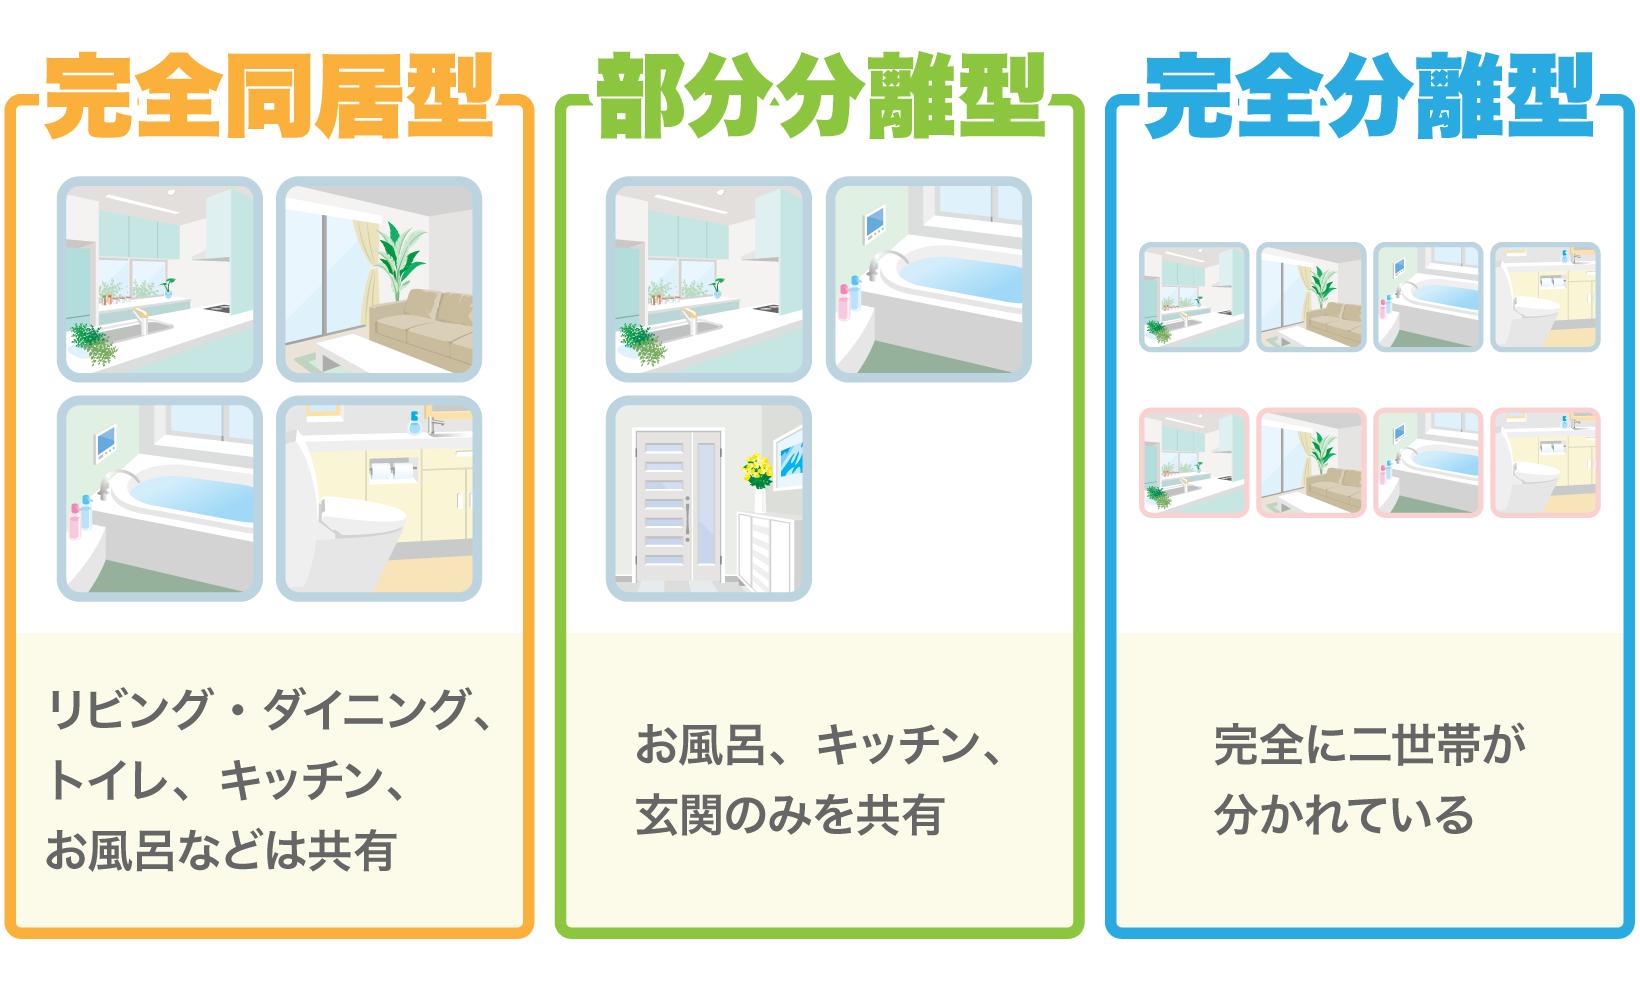 二世帯住宅のリフォームは3つのパターンに分かれる。完全同居型二世帯住宅:居室や寝室以外の共有、部分分離(共有)型二世帯住宅:玄関など一部の共有、完全分離型二世帯住宅:完全に分かれる